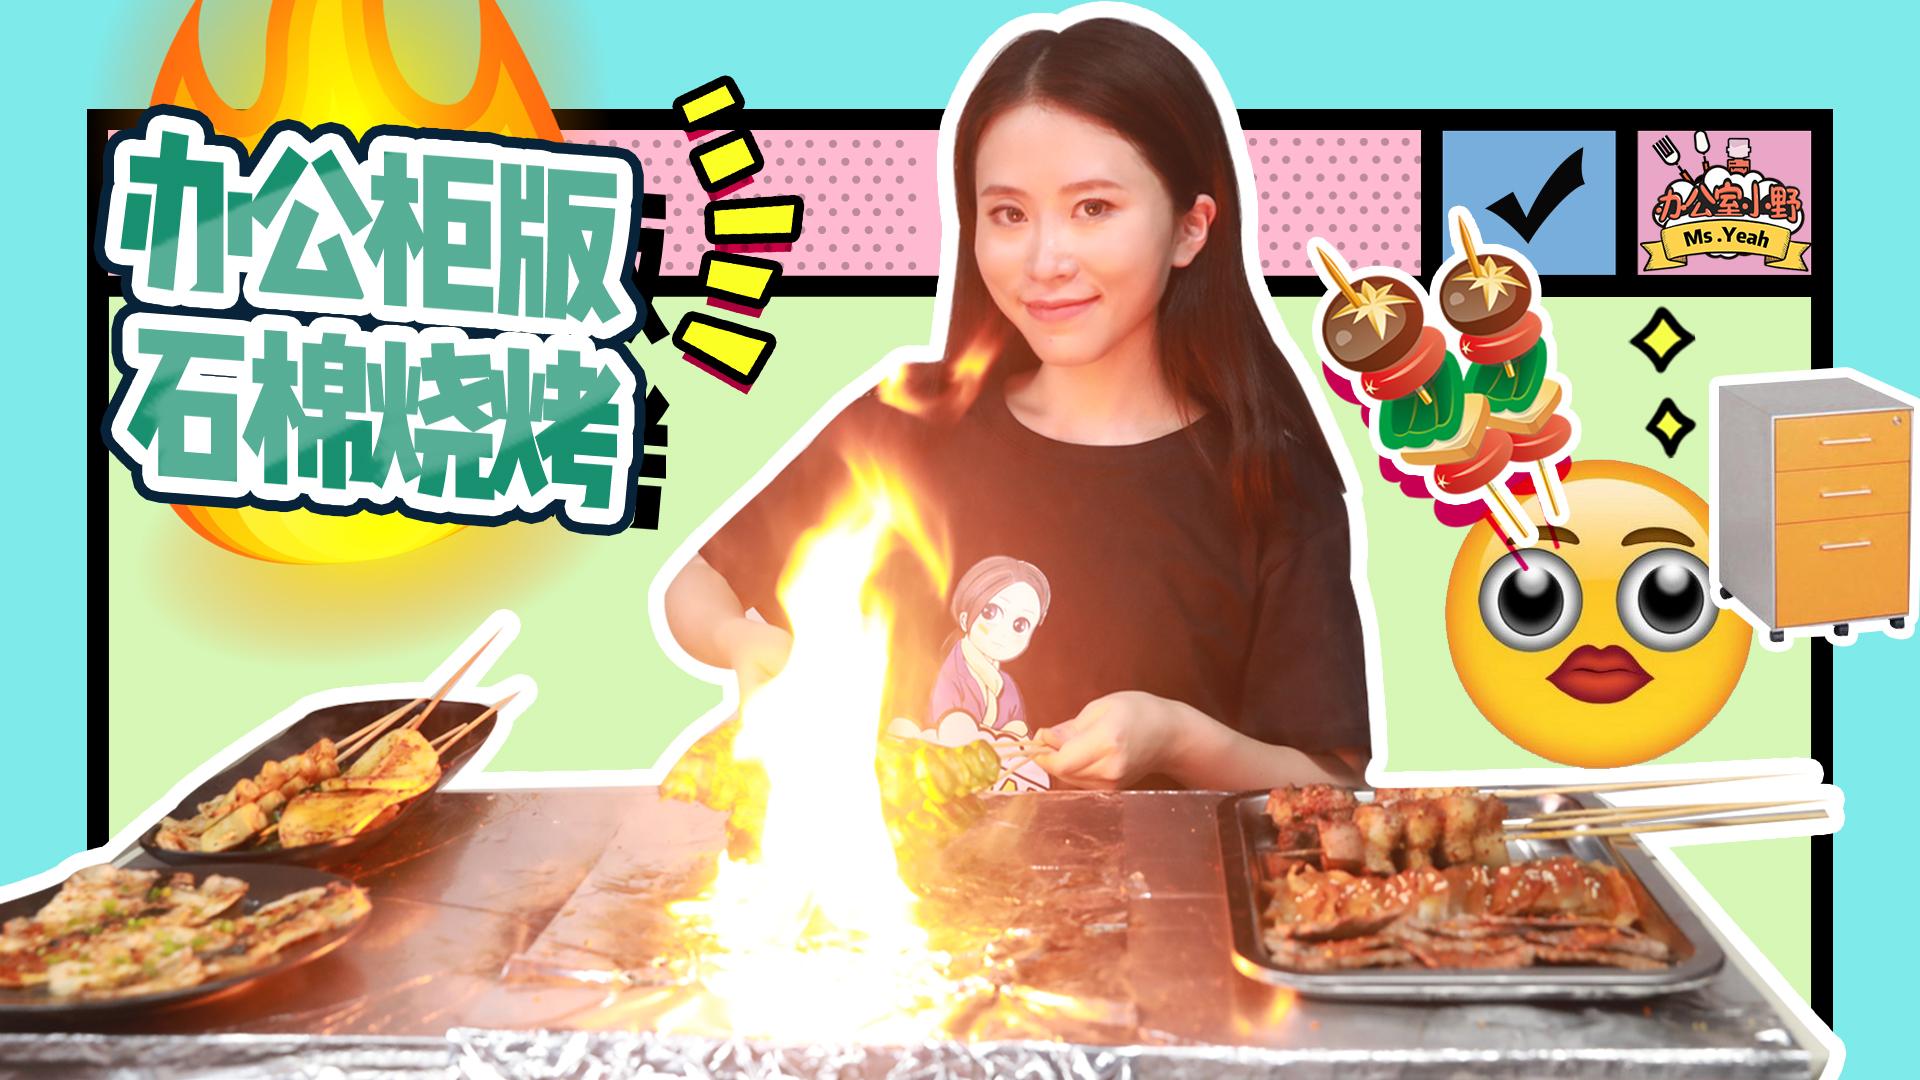 小野用办公柜做石棉烧烤,串烧诱惑,每一口都是满足!